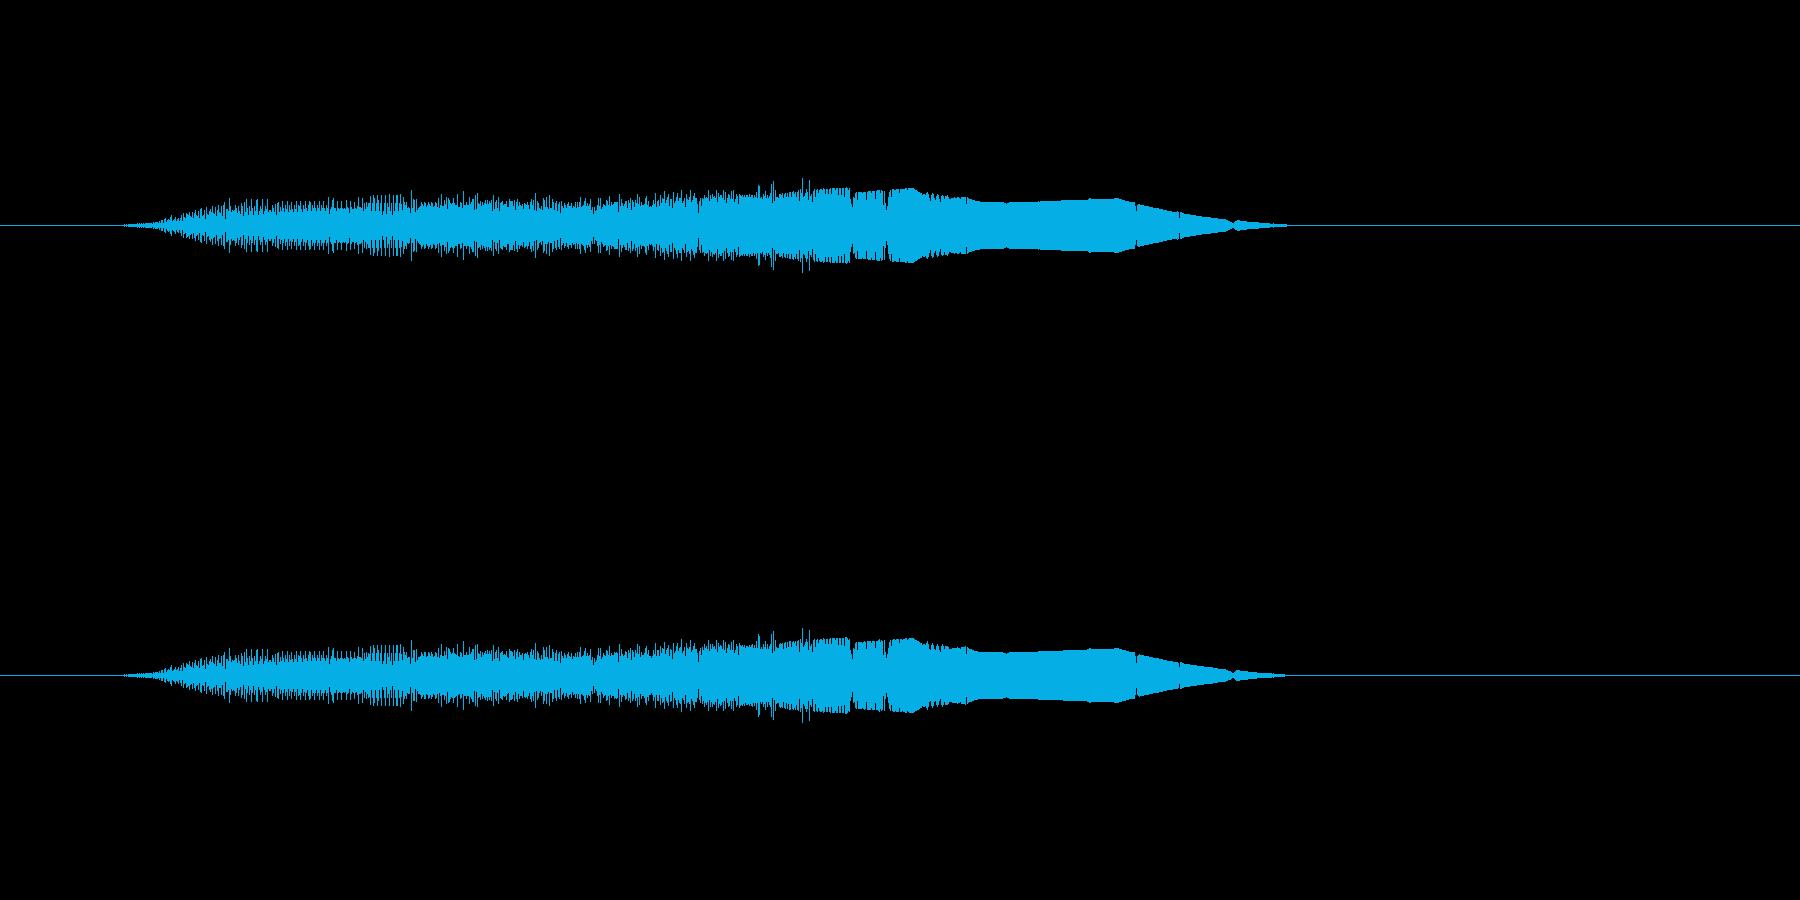 【ポップモーション35-3】の再生済みの波形